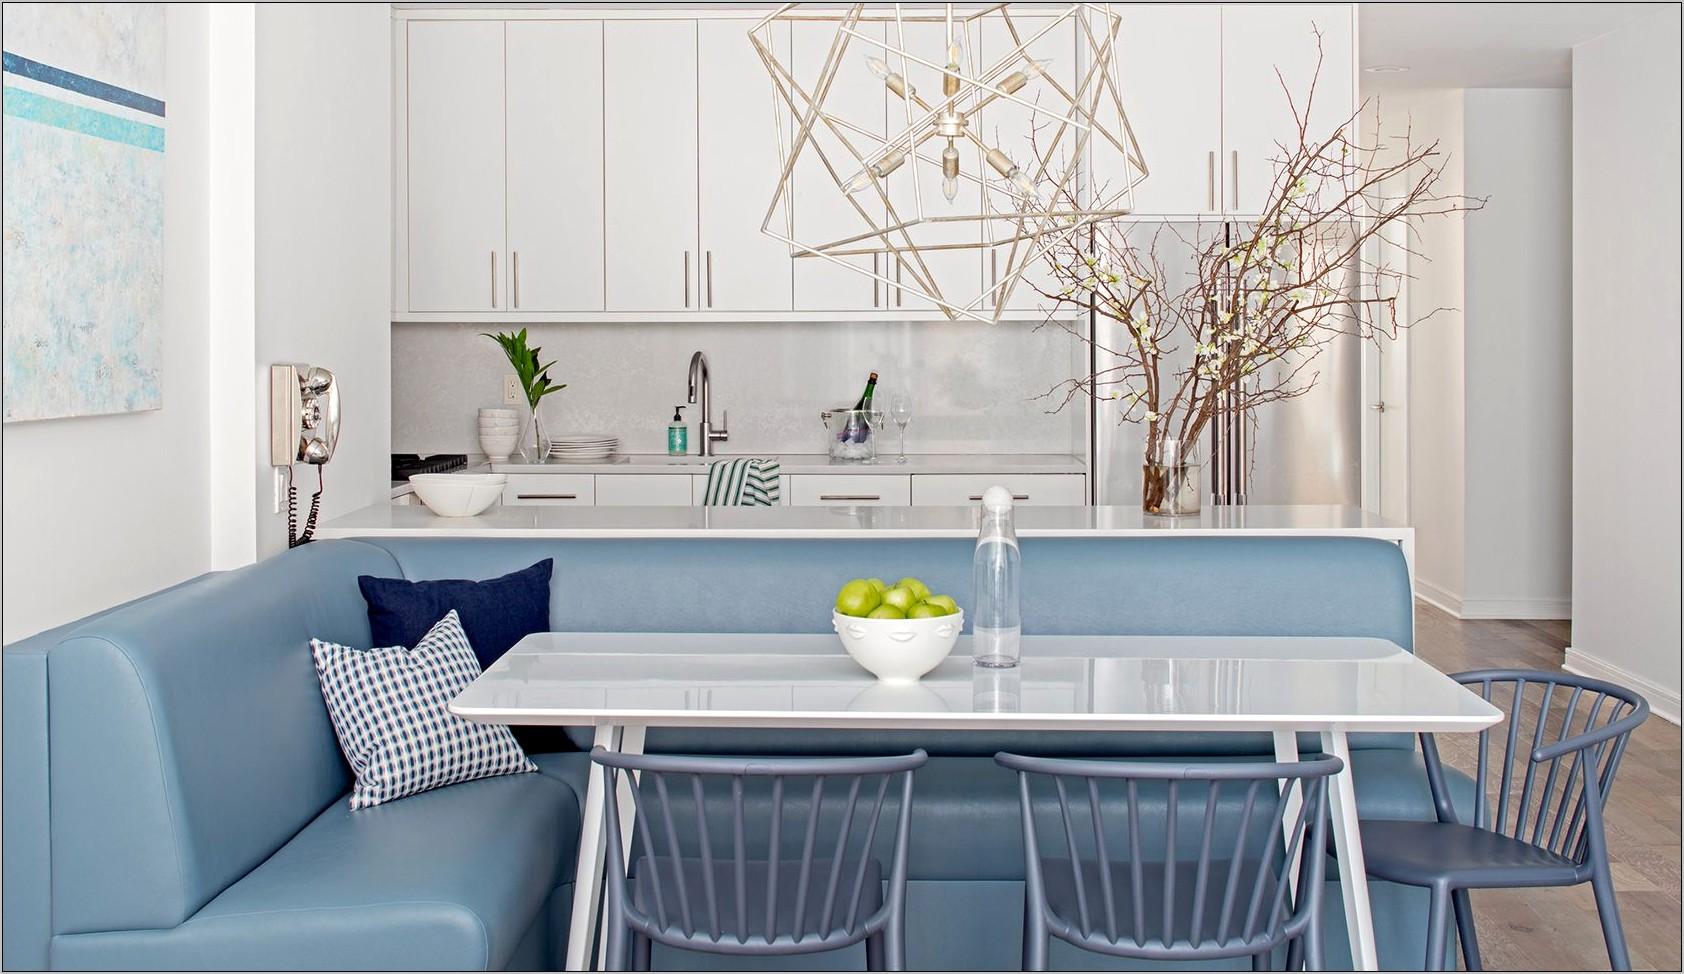 Newest Kitchen Decor In 2019